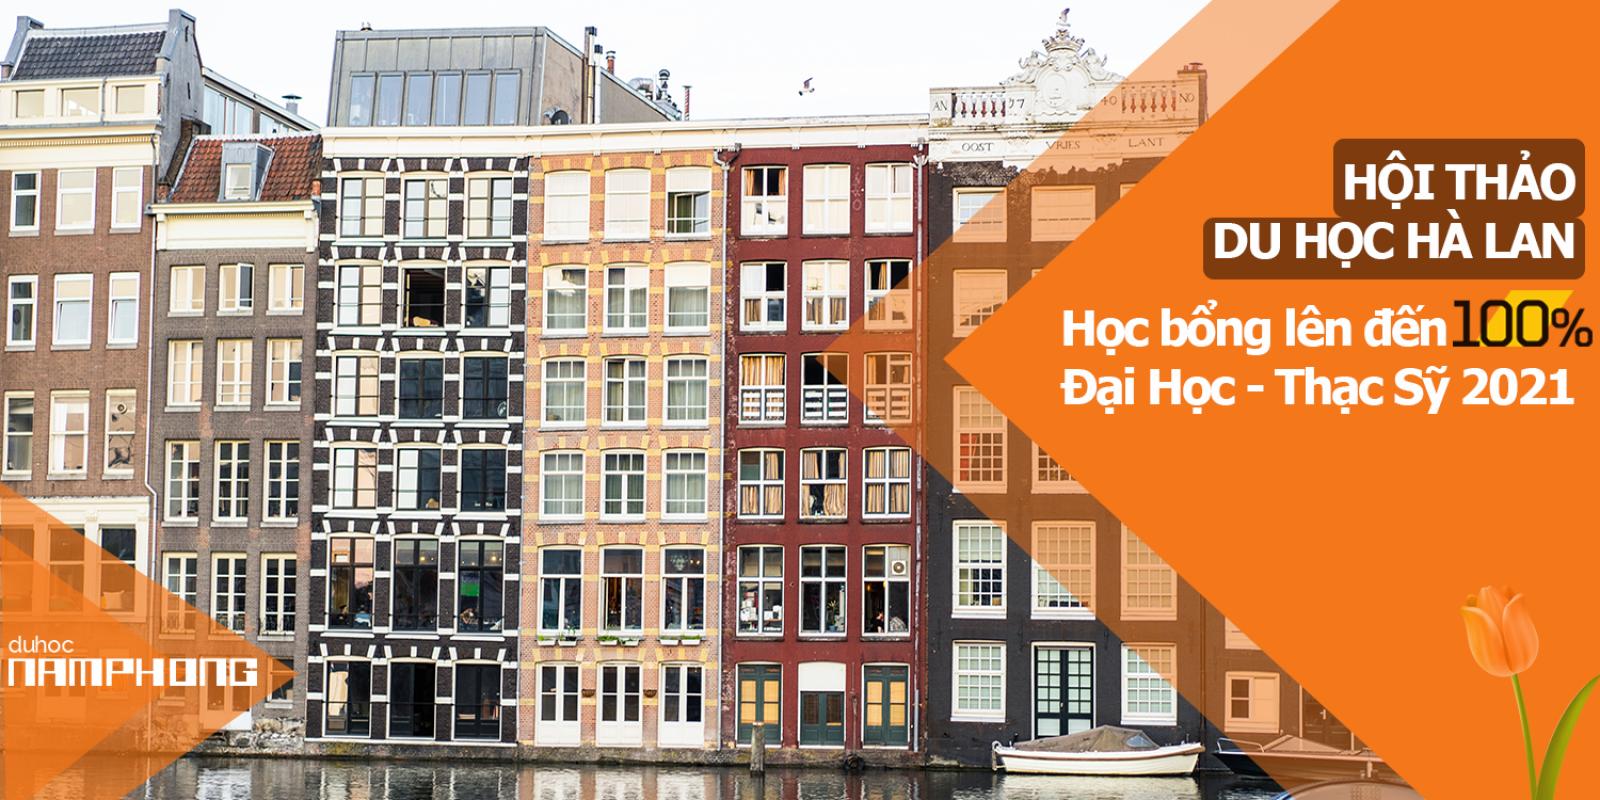 H?i th?o du h?c Hà Lan